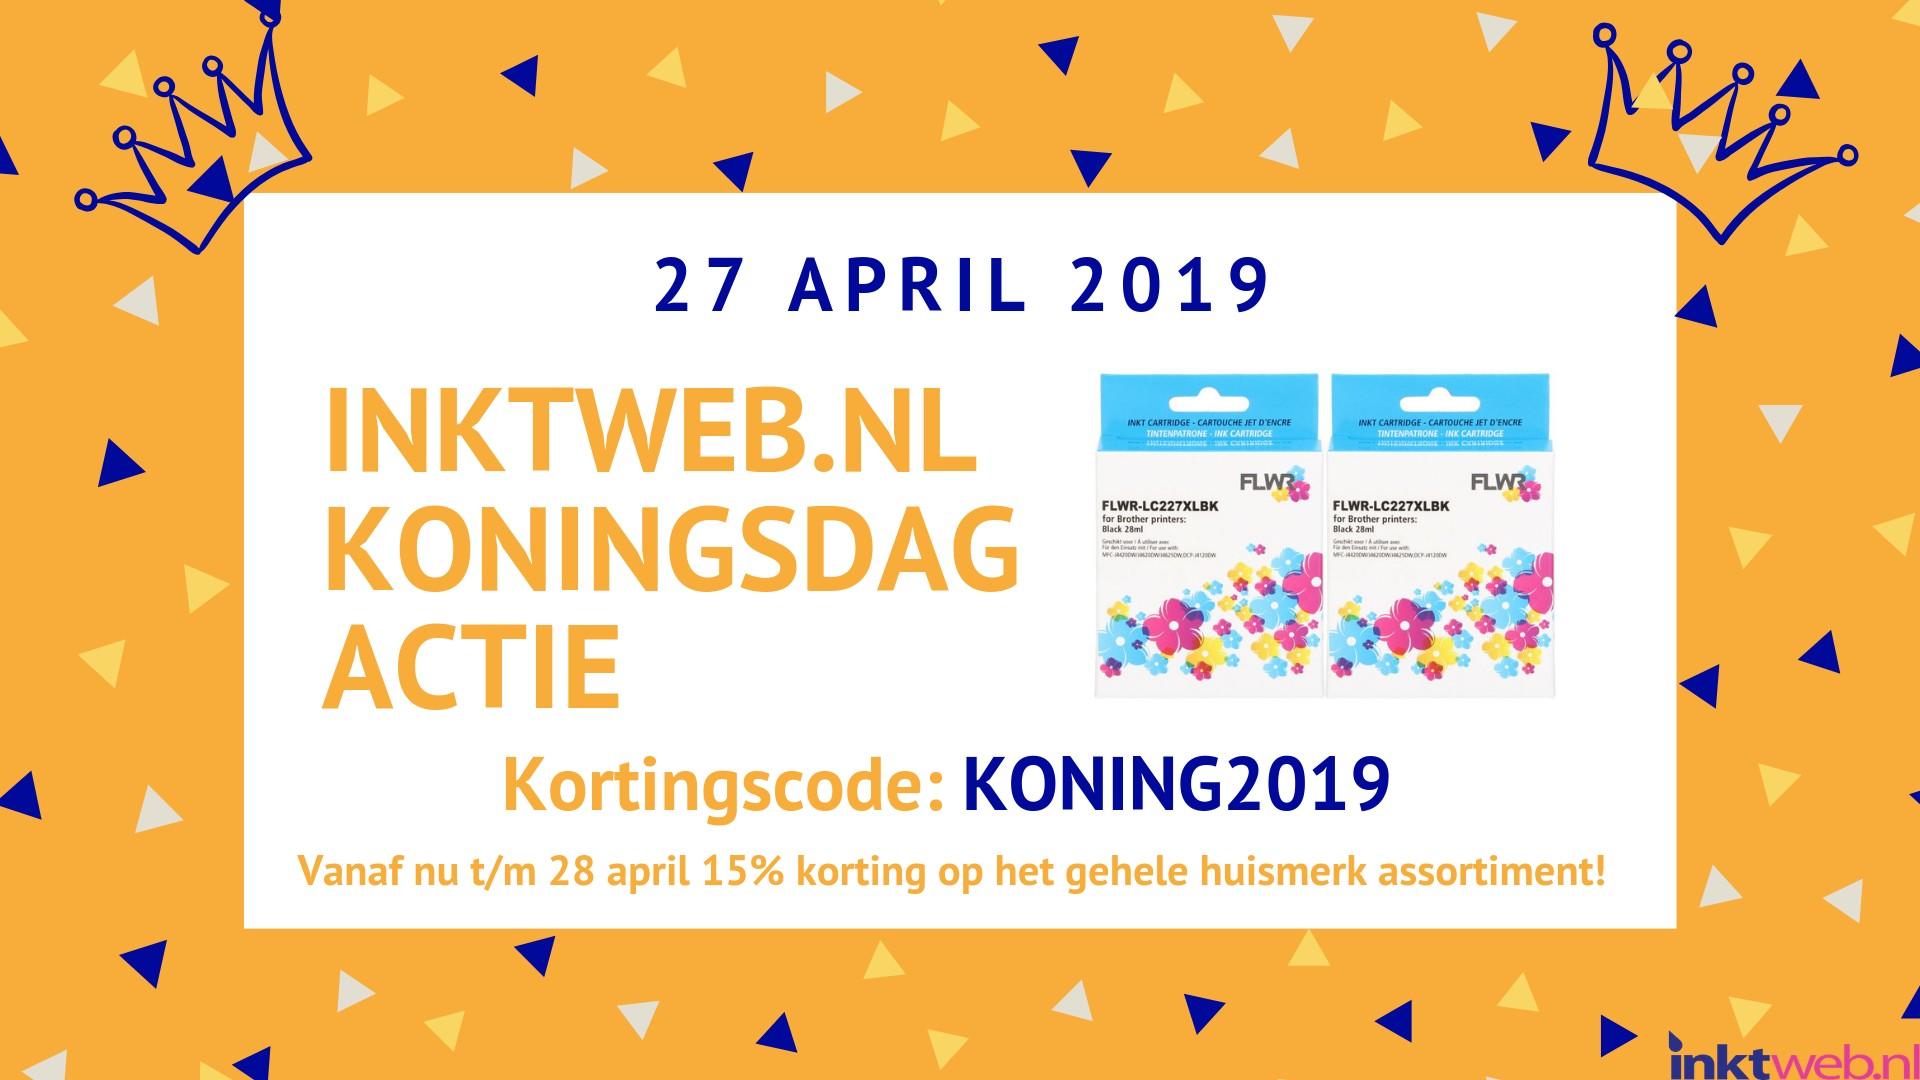 Inktweb.nl Koningsdag actie